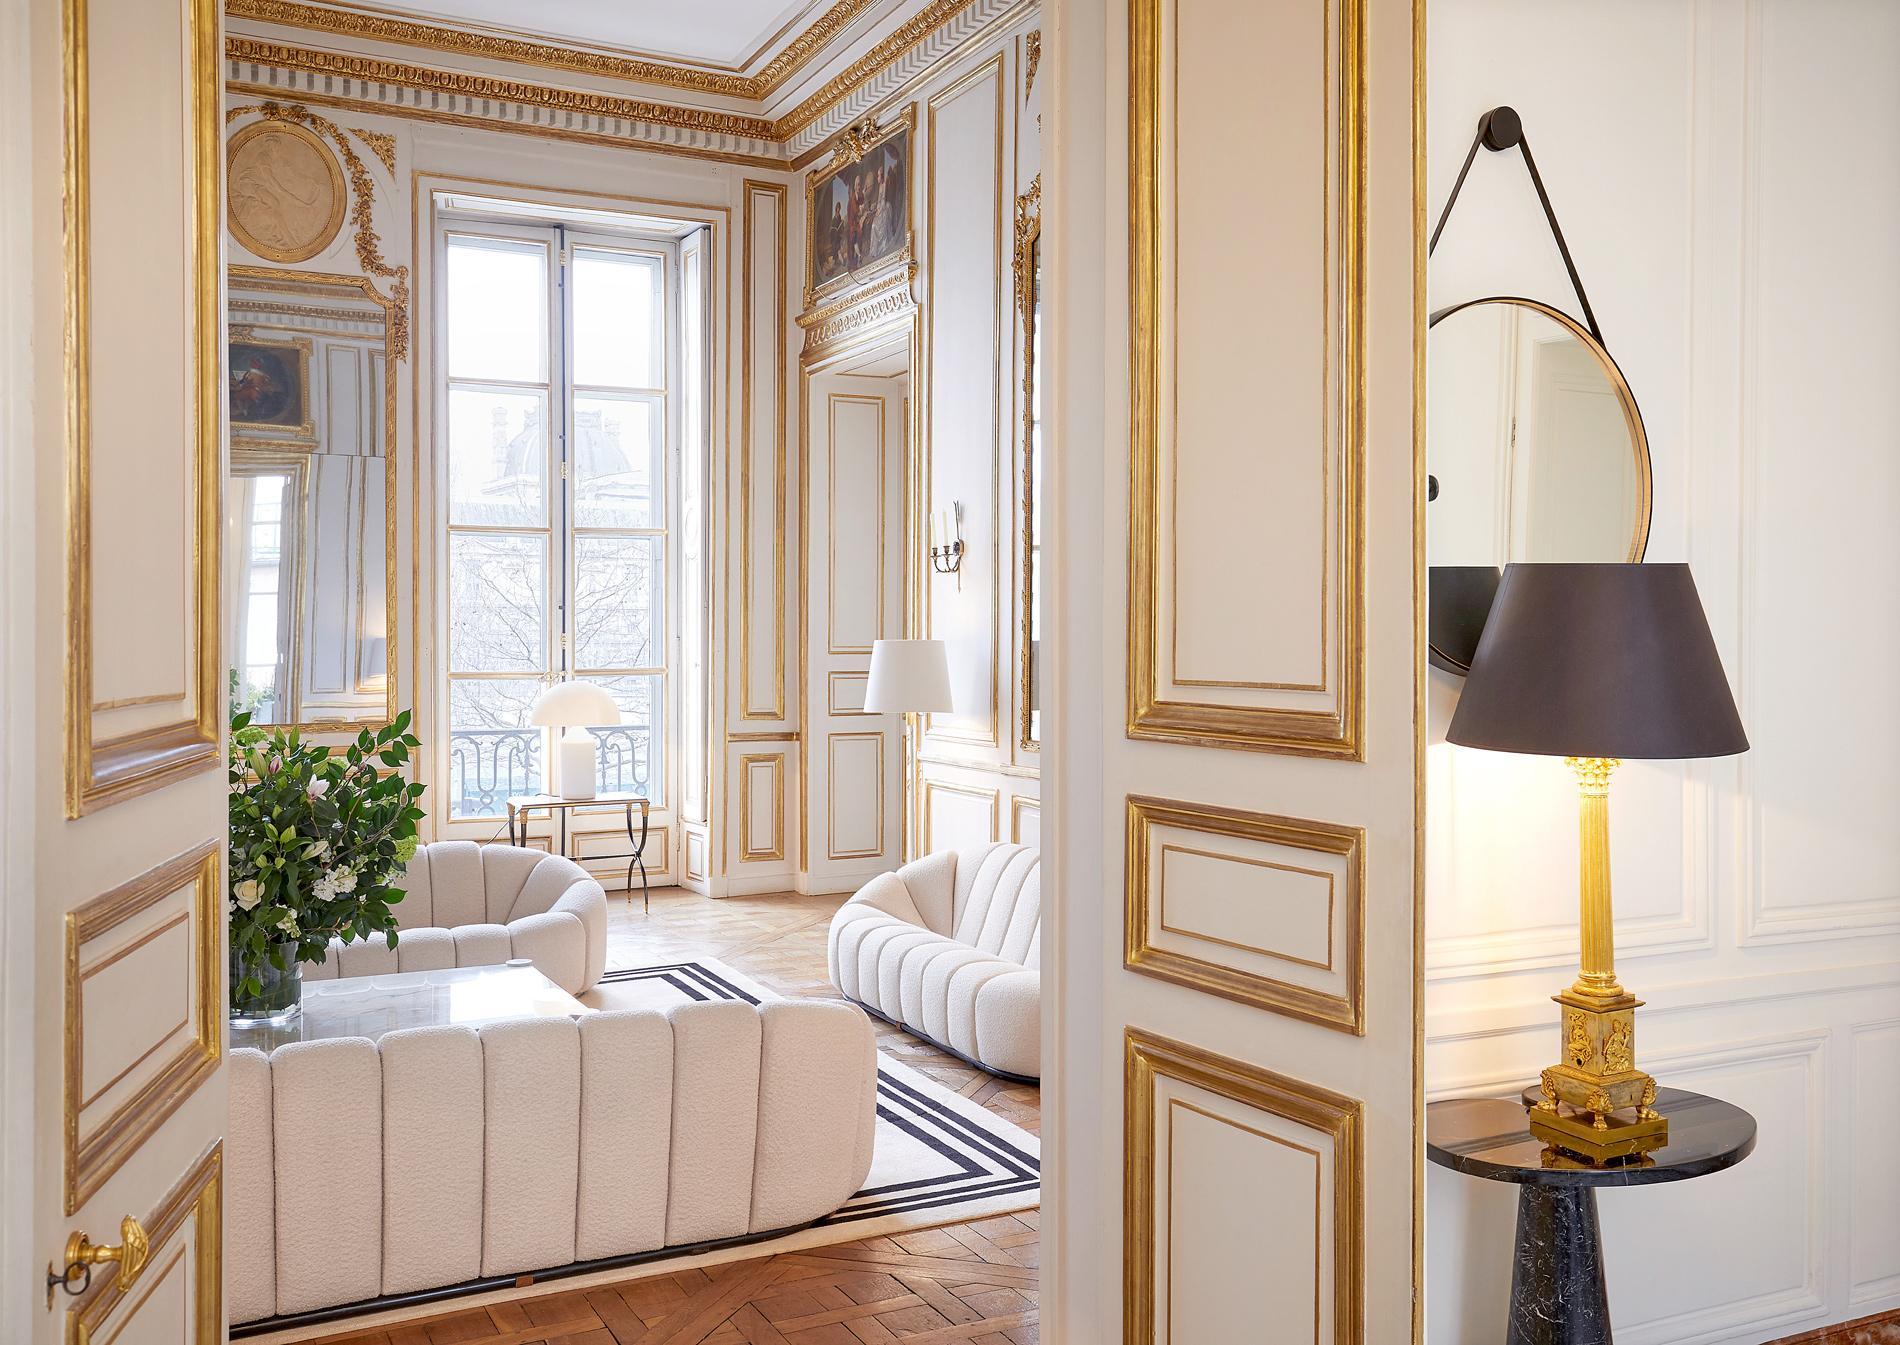 Nicolas ghesqui re dans son nouvel appartement parisien for Deco appartement 1900